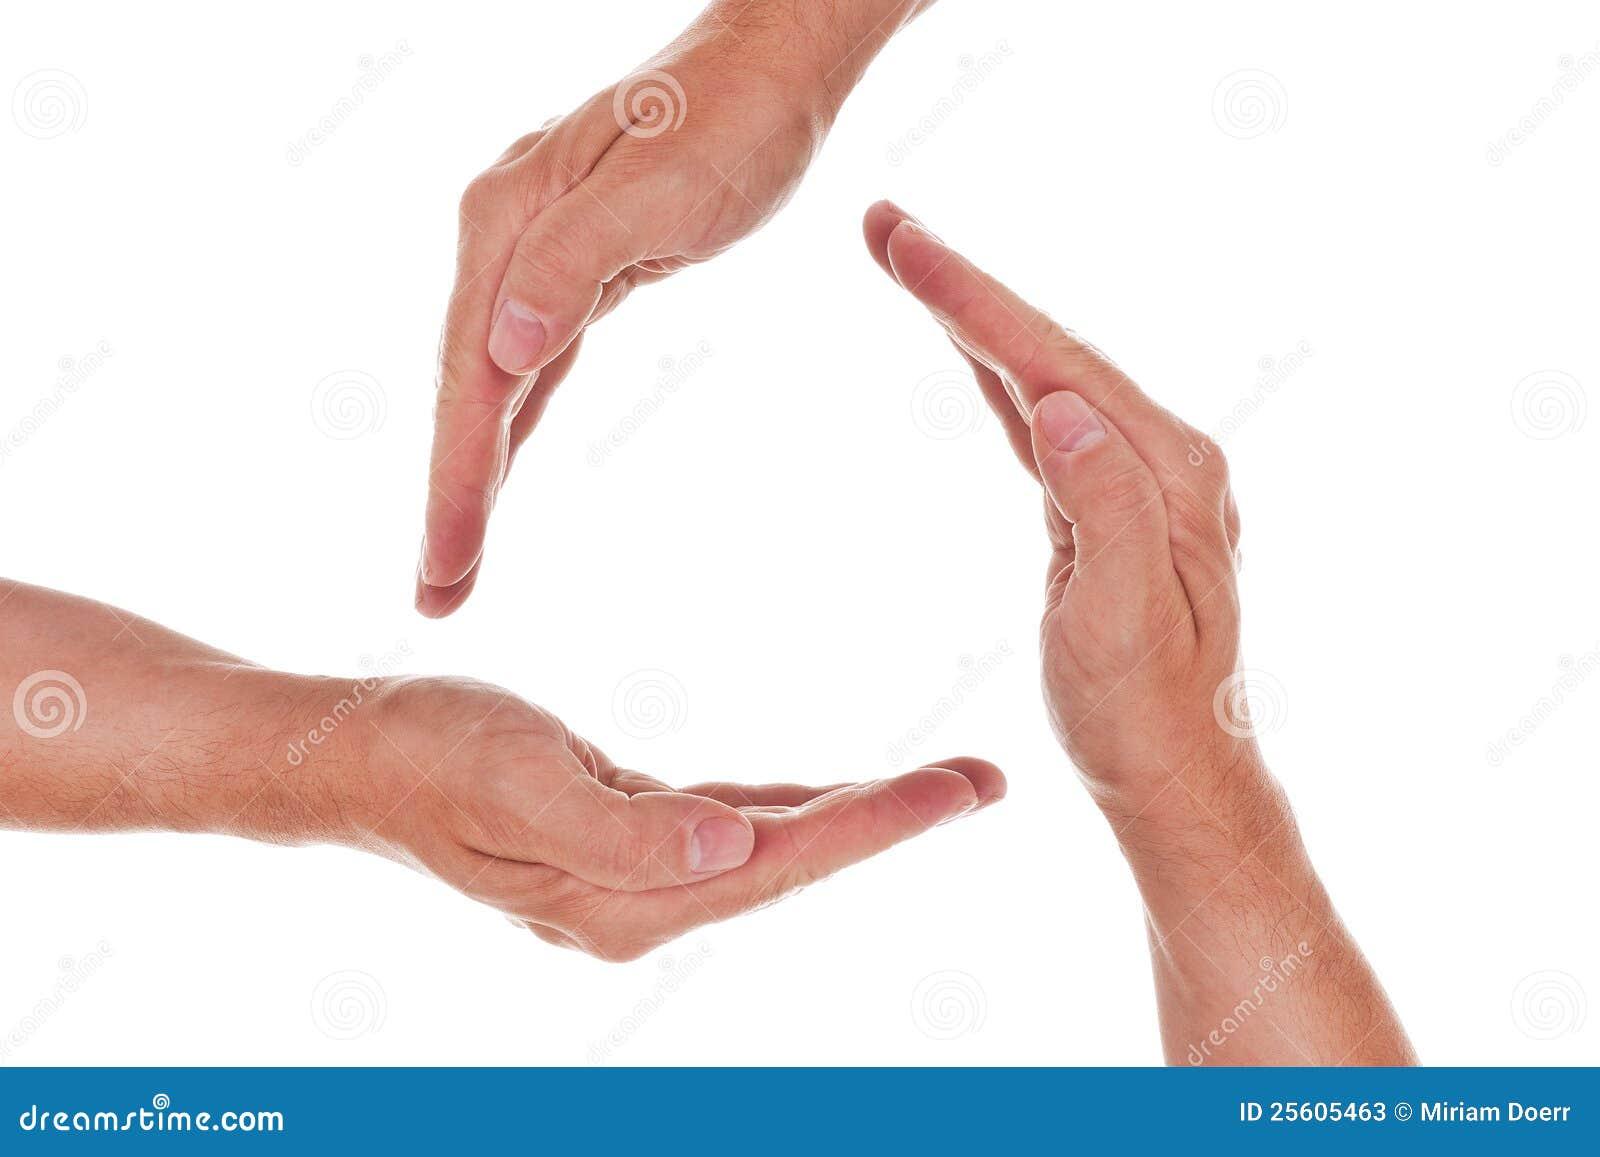 3 Hand